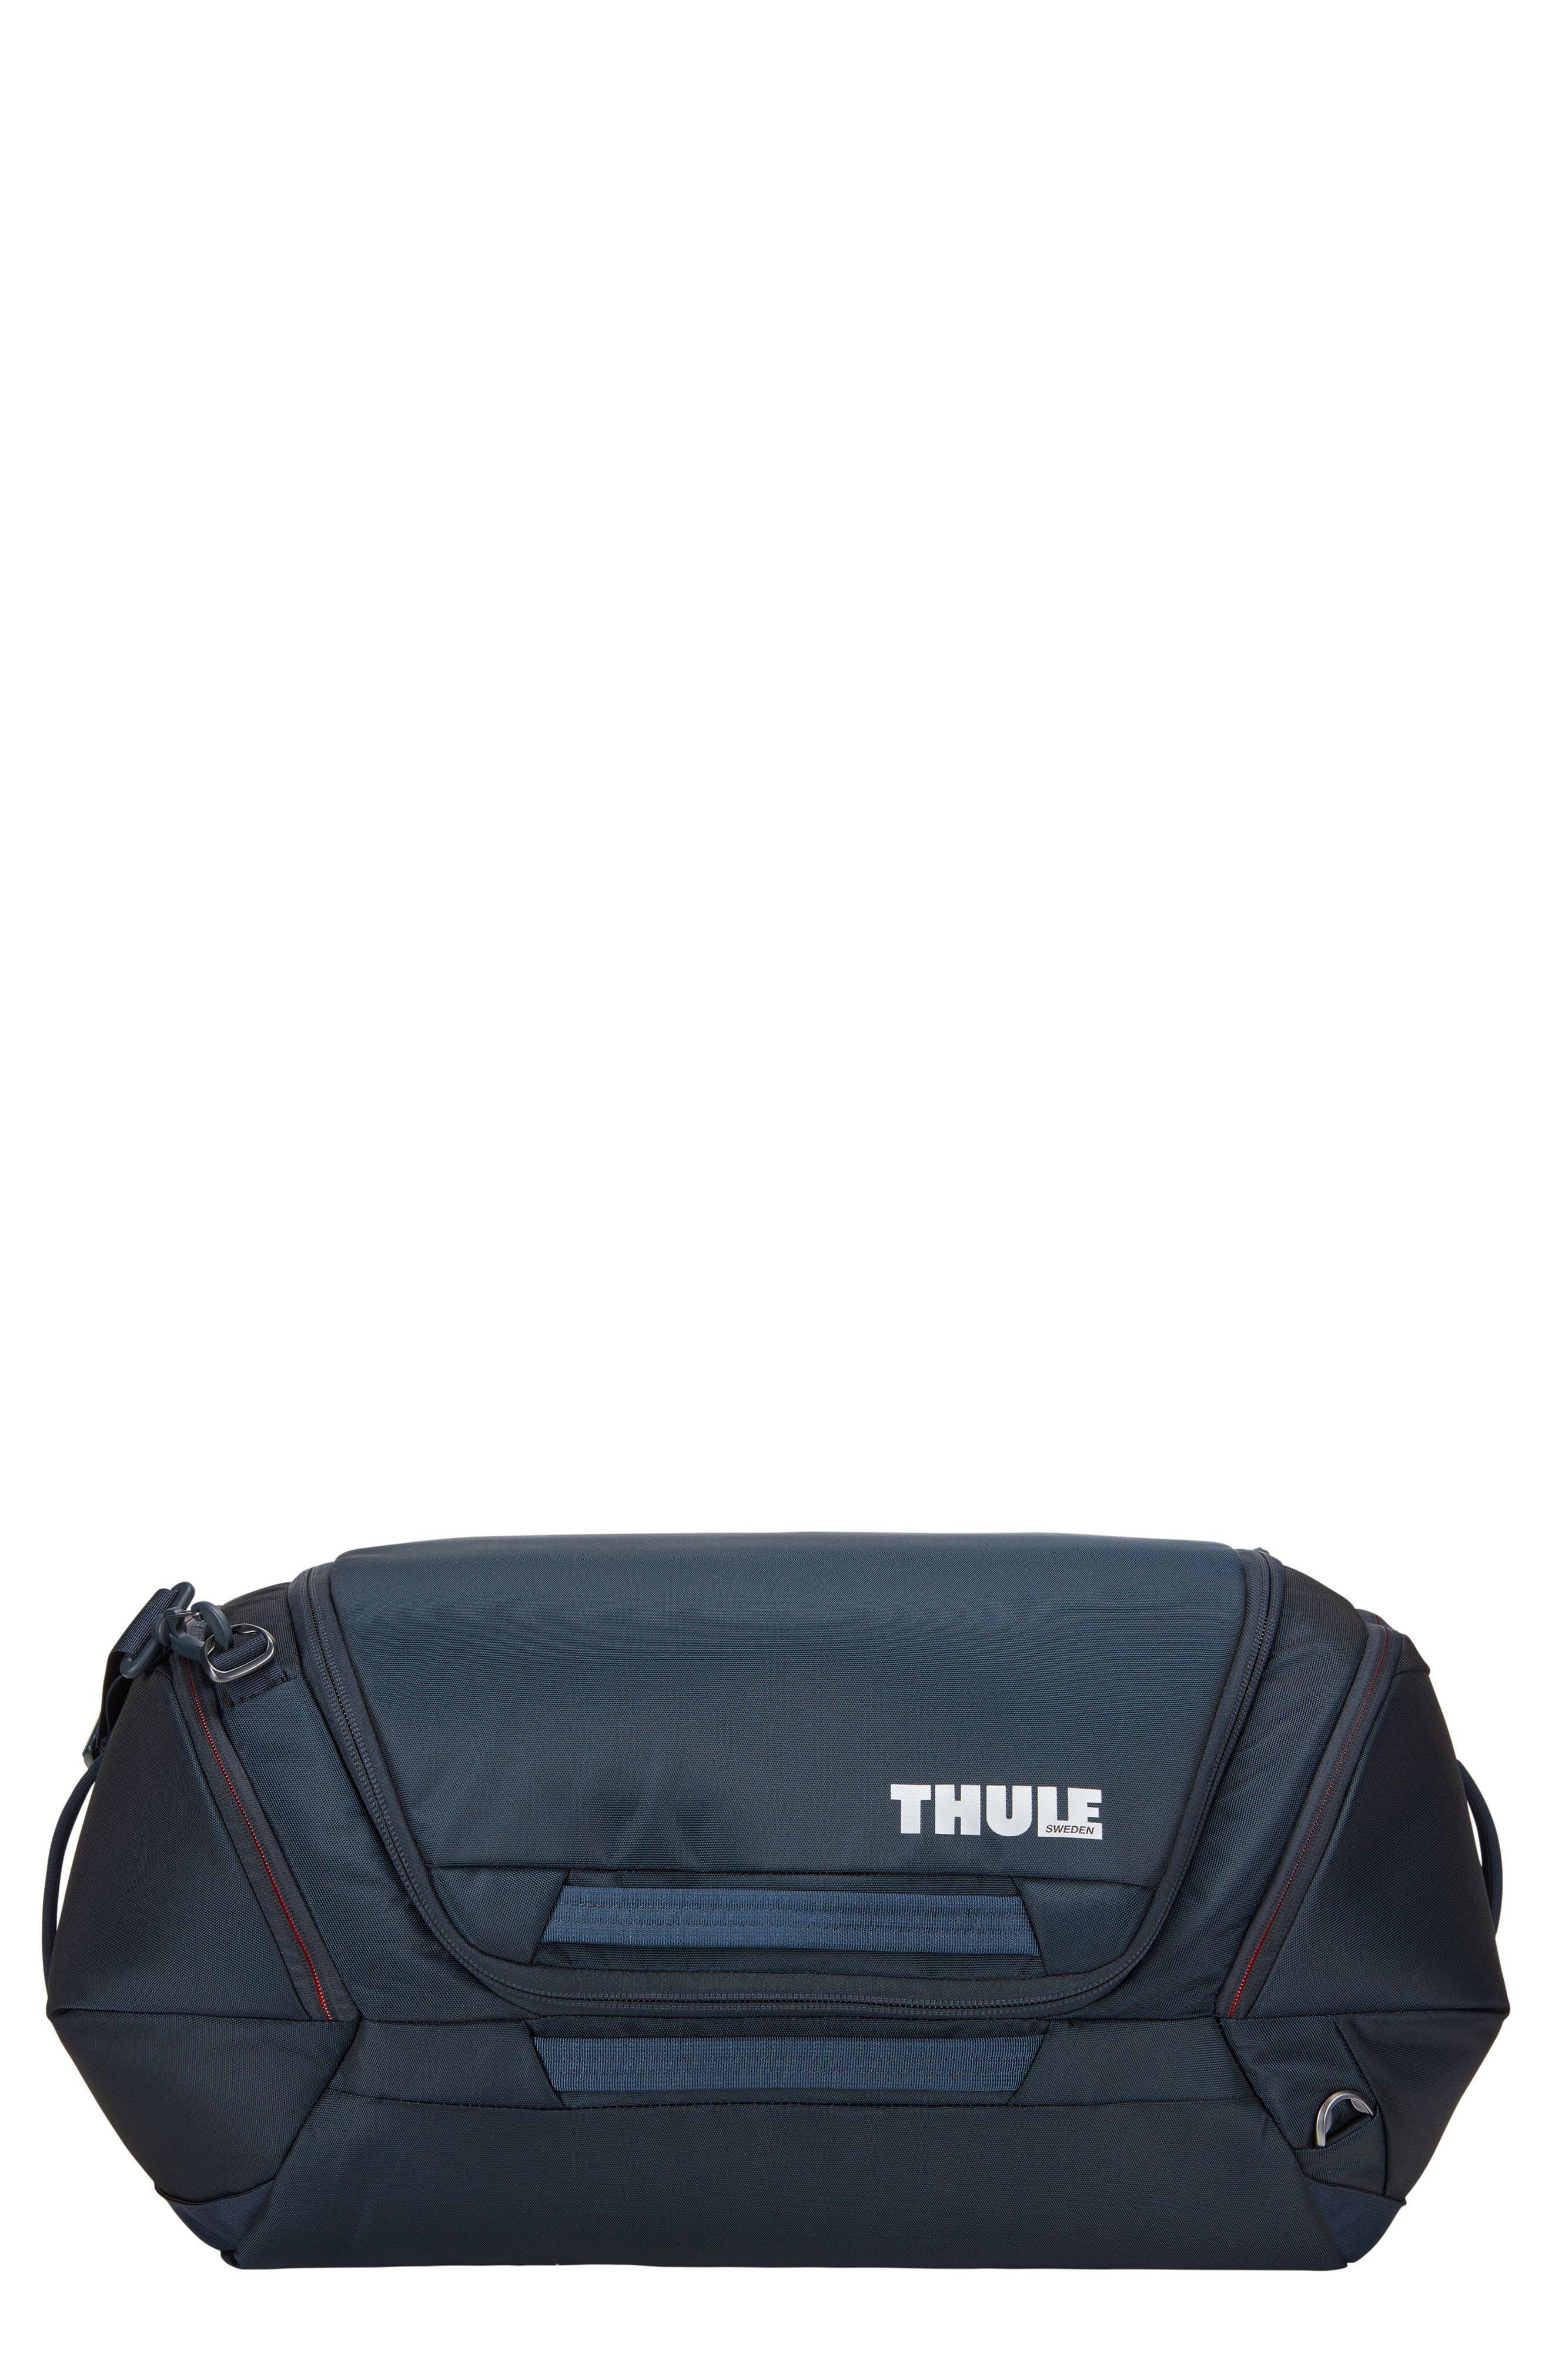 Thule Subterra 60-Liter Duffel Bag